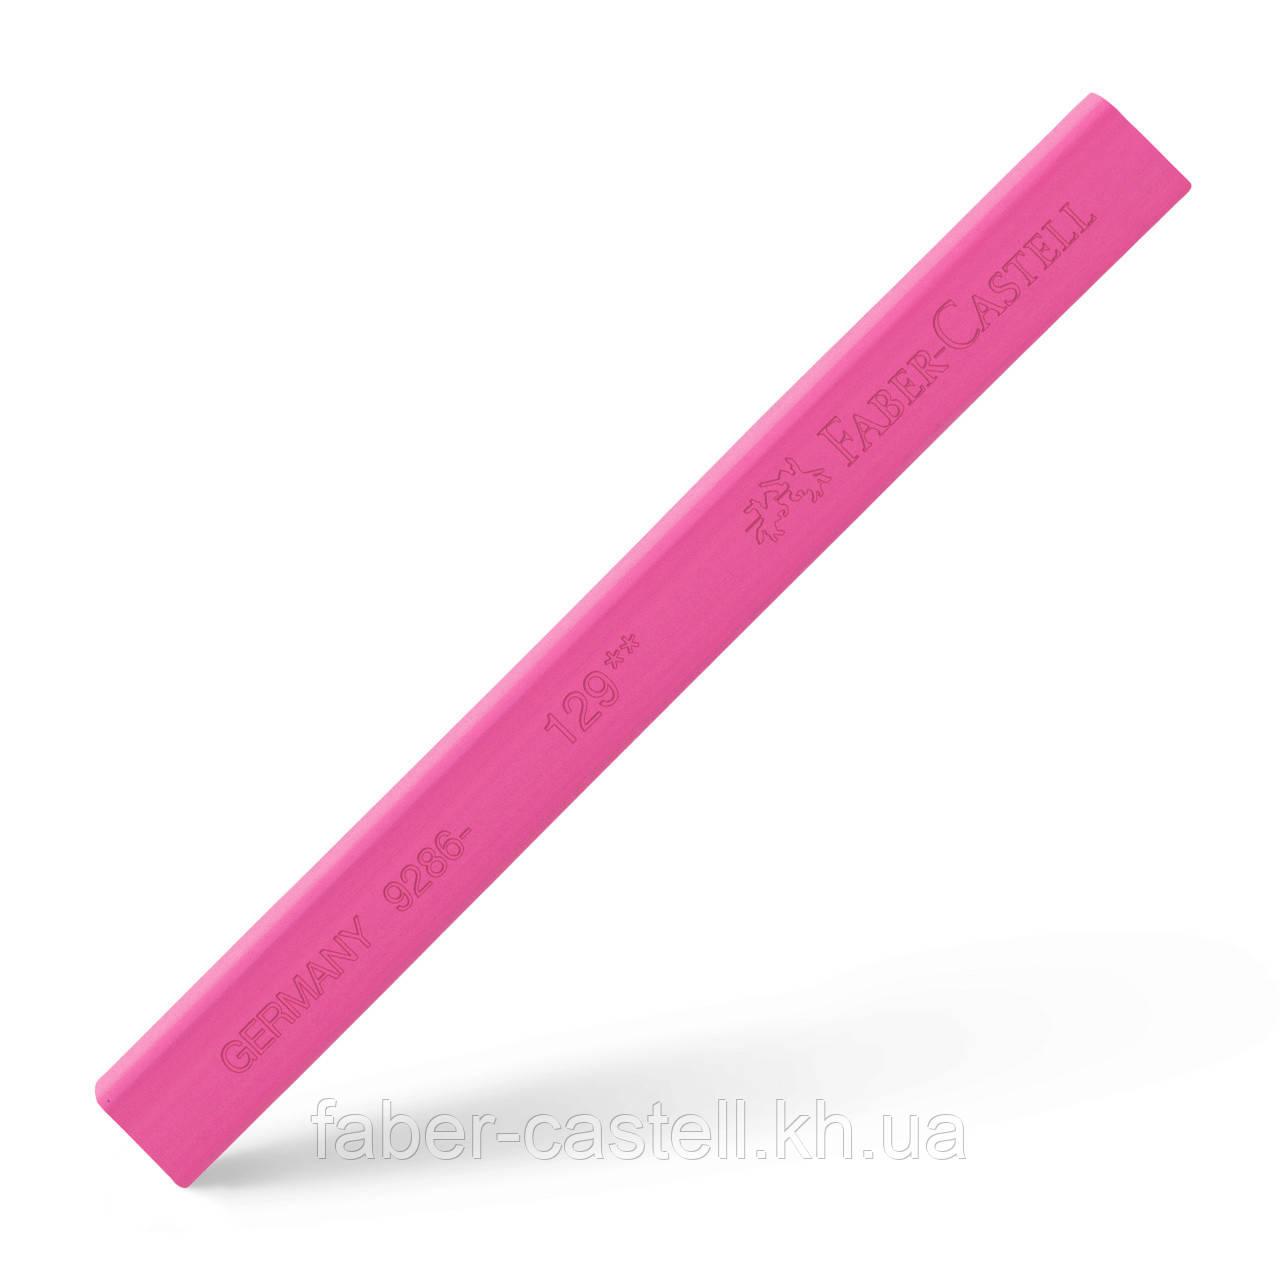 Пастель сухая / мелок Faber-Castell POLYCHROMOS цвет розовый №129 (pink madder lake), 128629